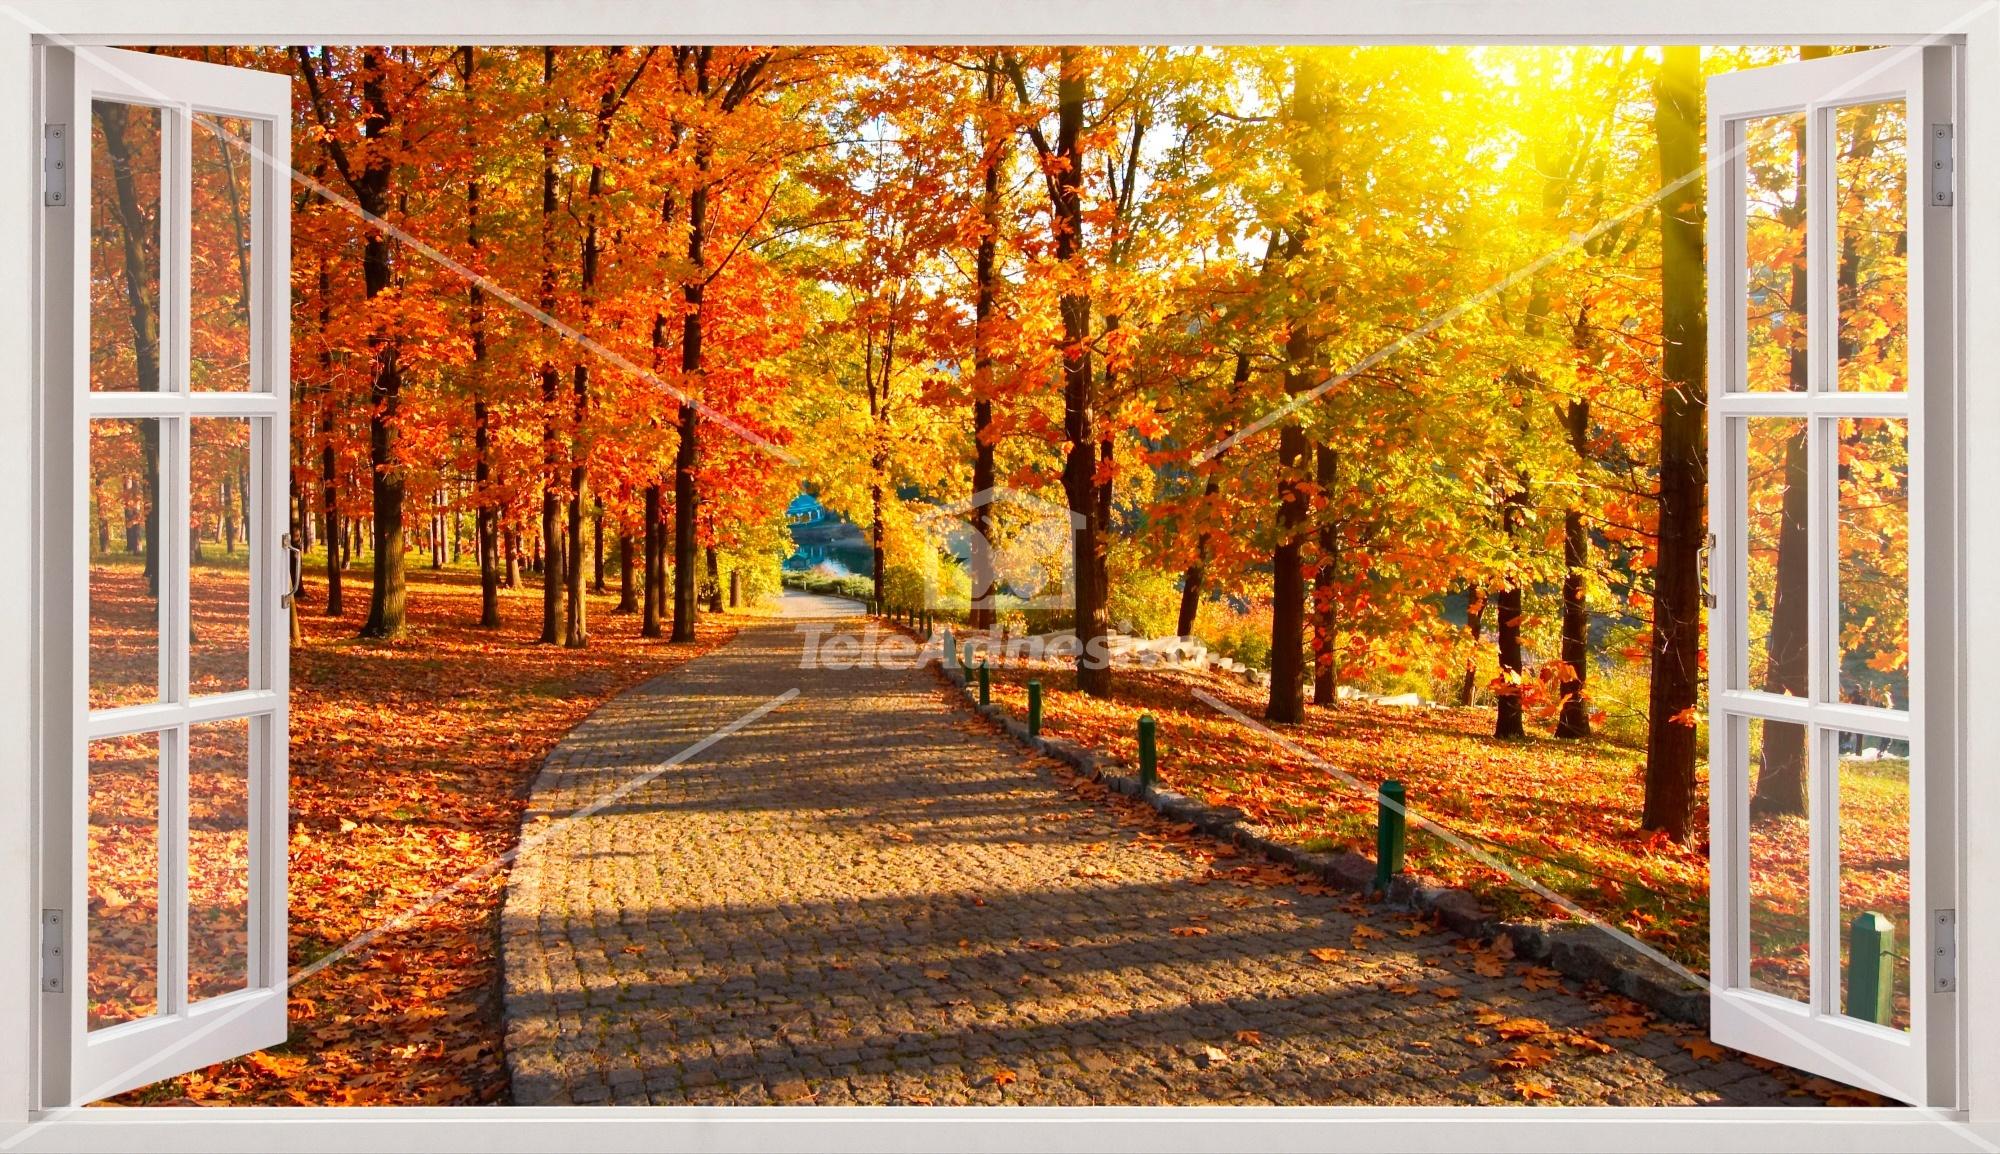 Wandtattoos: Panorama Straße Park im Herbst